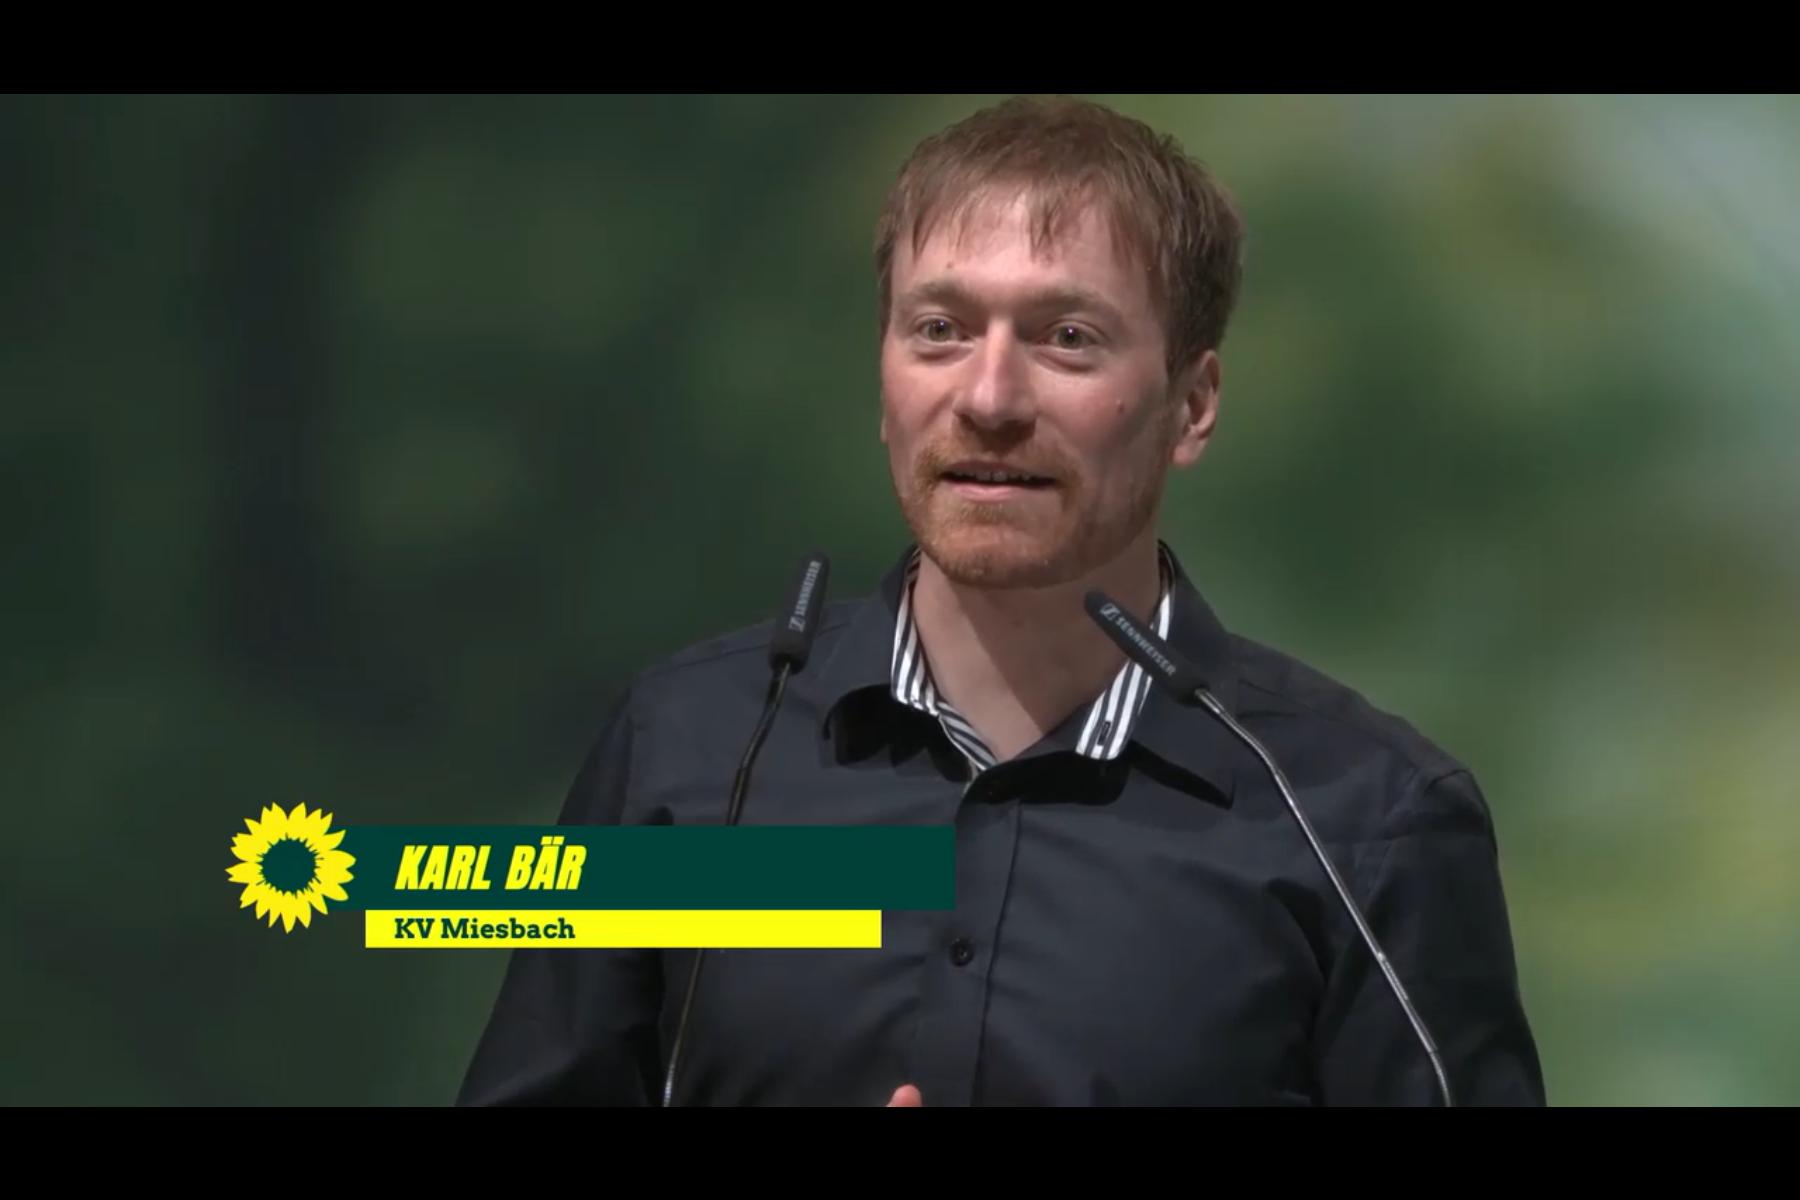 Bayerische Landesliste für den Bundestag: Karl Bär auf dem 12. Platz [mit Video]